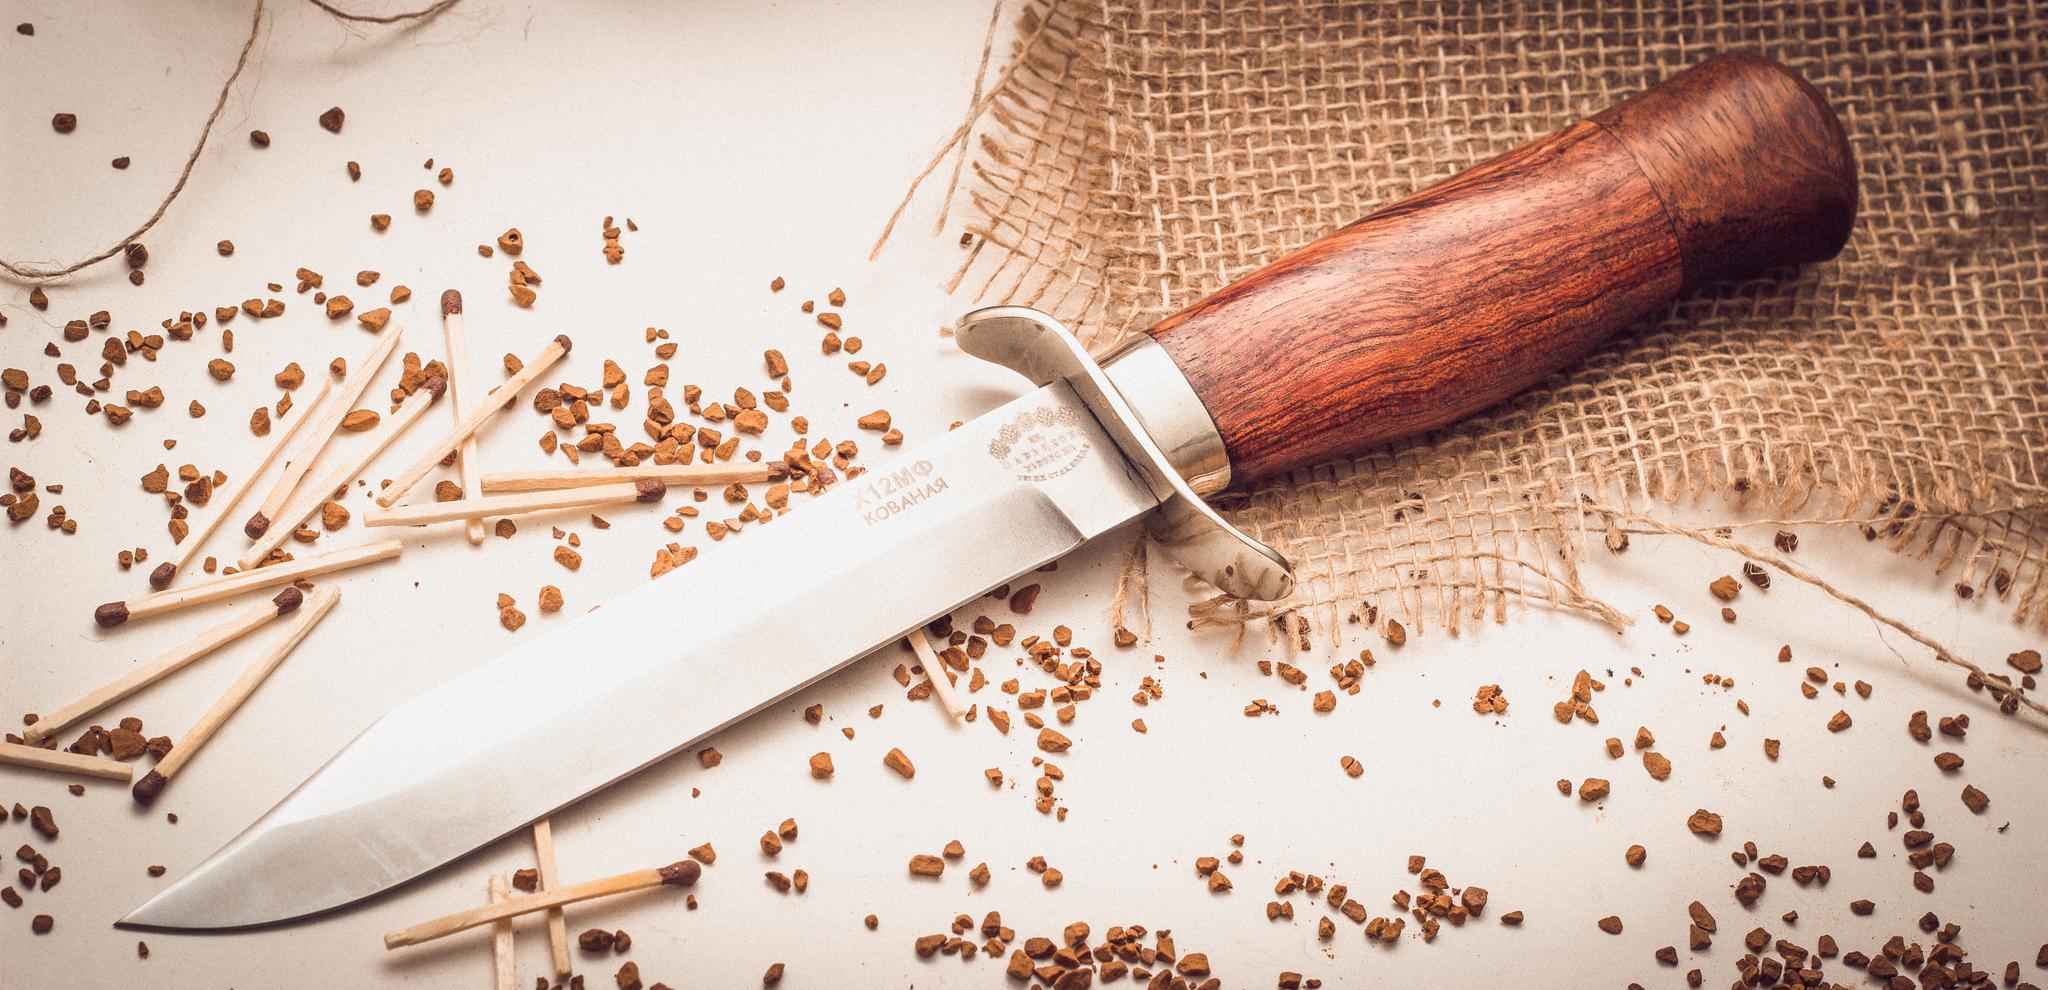 Нож разведчика, кованый Х12МФ, орехНожи Ворсма<br>Обводы этого ножа выверены временем и опытом русских солдат. В недалеком прошлом такой нож был желанным подарком для каждого взрослого мужчины. Сейчас у каждого есть возможность купить Нож Разведчика с клинком из стали Х12МФ по выгодной цене. К преимуществам этой модели стоит отнести: высокие режущие свойства, продуманную геометрию клинка и отличную эргономику рукояти. Нож можно использовать на рыбалке, охоте или на дружеском пикнике. К тому же такой нож можно купить просто так, для коллекции. Он является точной копией своего исторического собрата. Удобные кожаные ножны являются прекрасным дополнением к этой модели.<br>